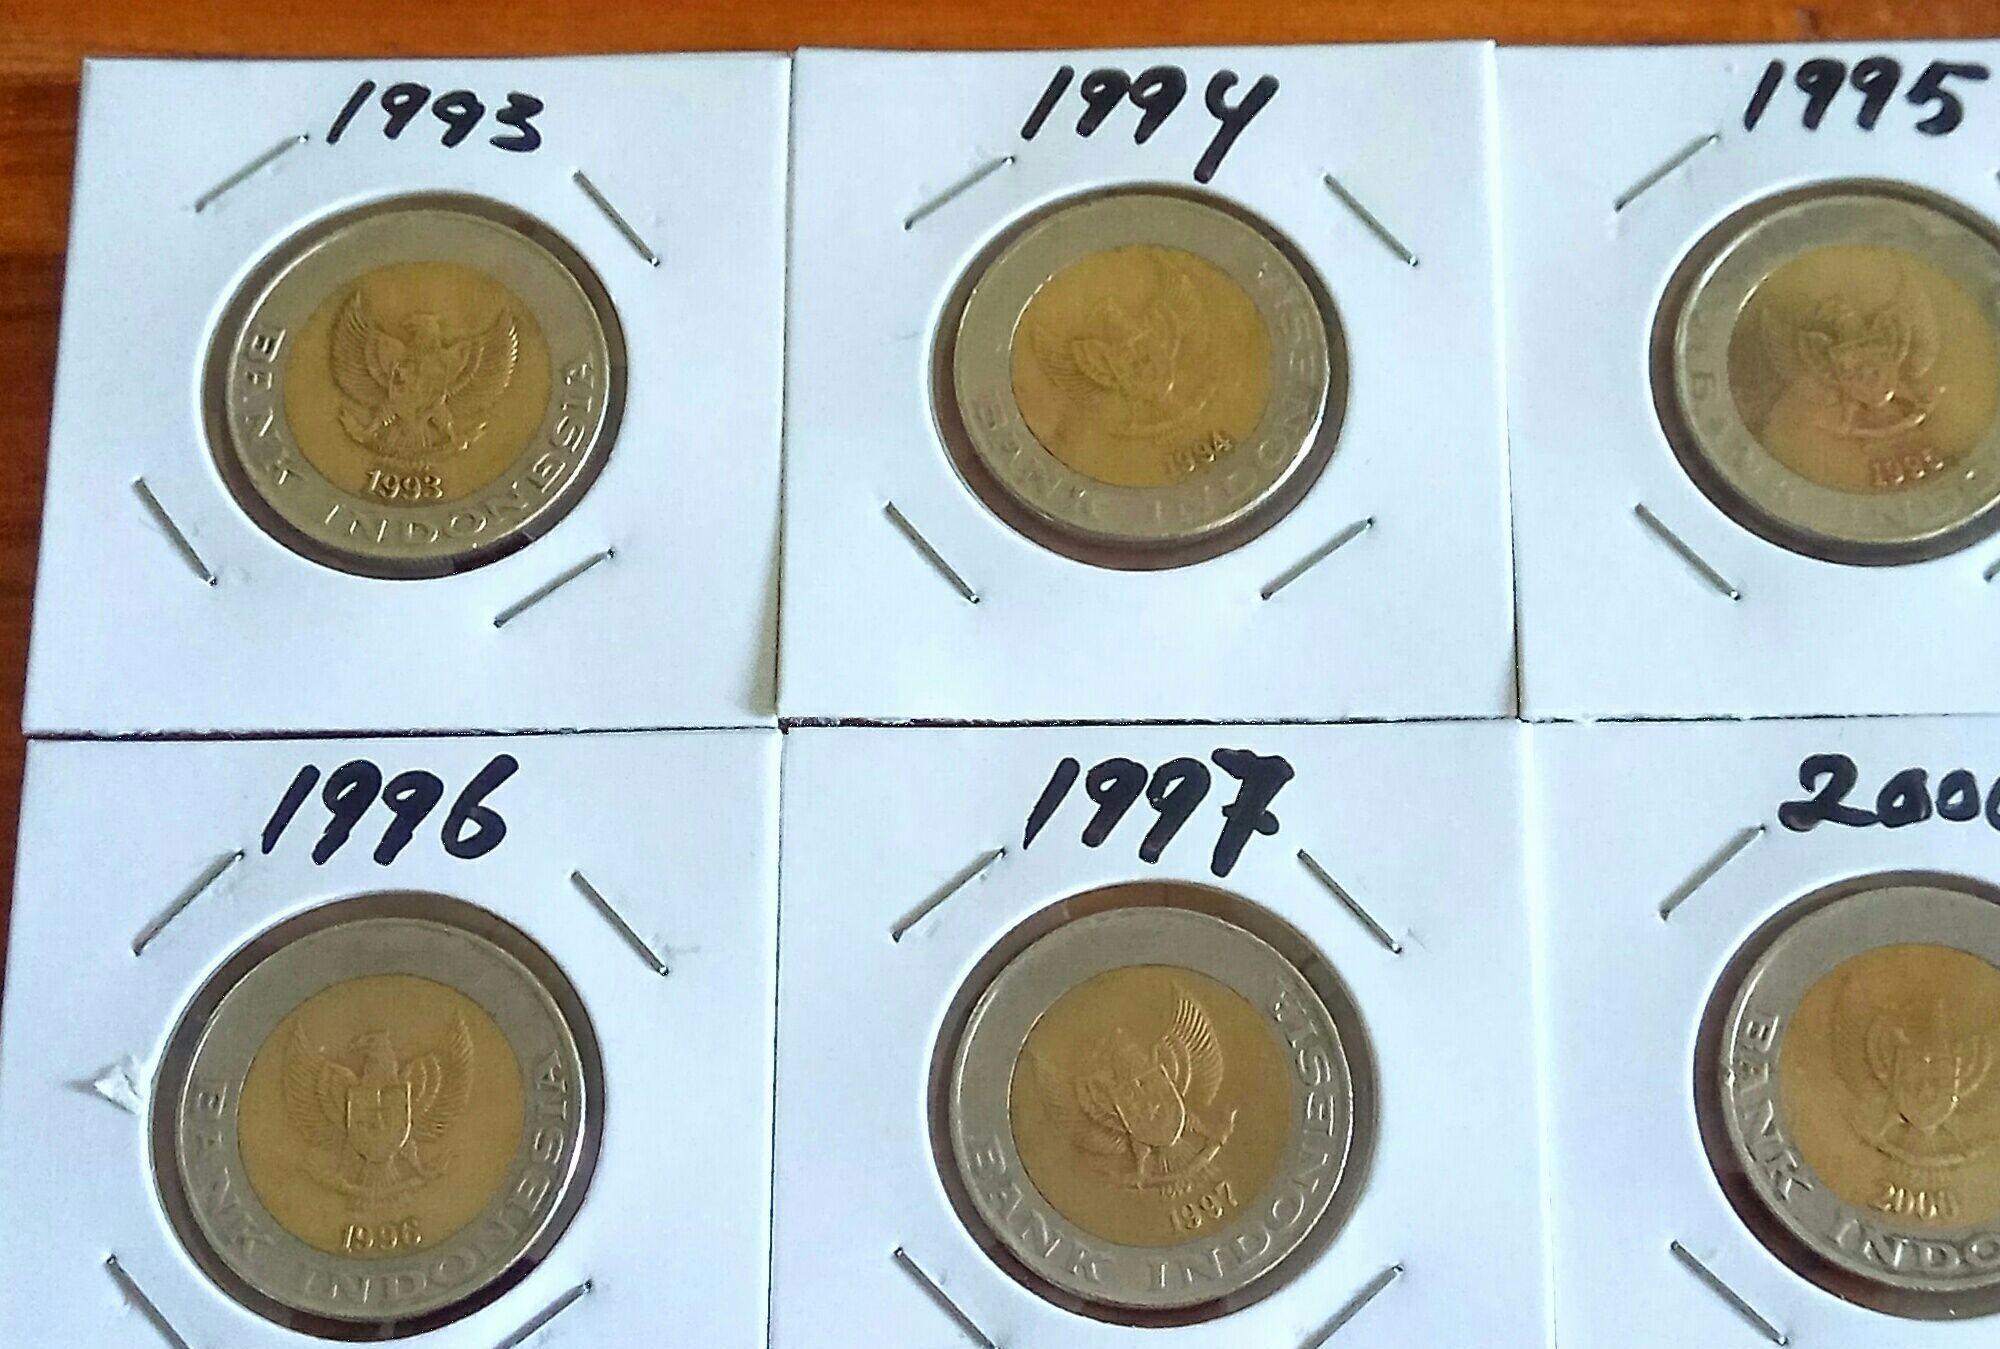 Uang Kuno Koin 1000 Kelapa Sawit Tahun Lengkap 1993,1994,1995,1996,1997,2000